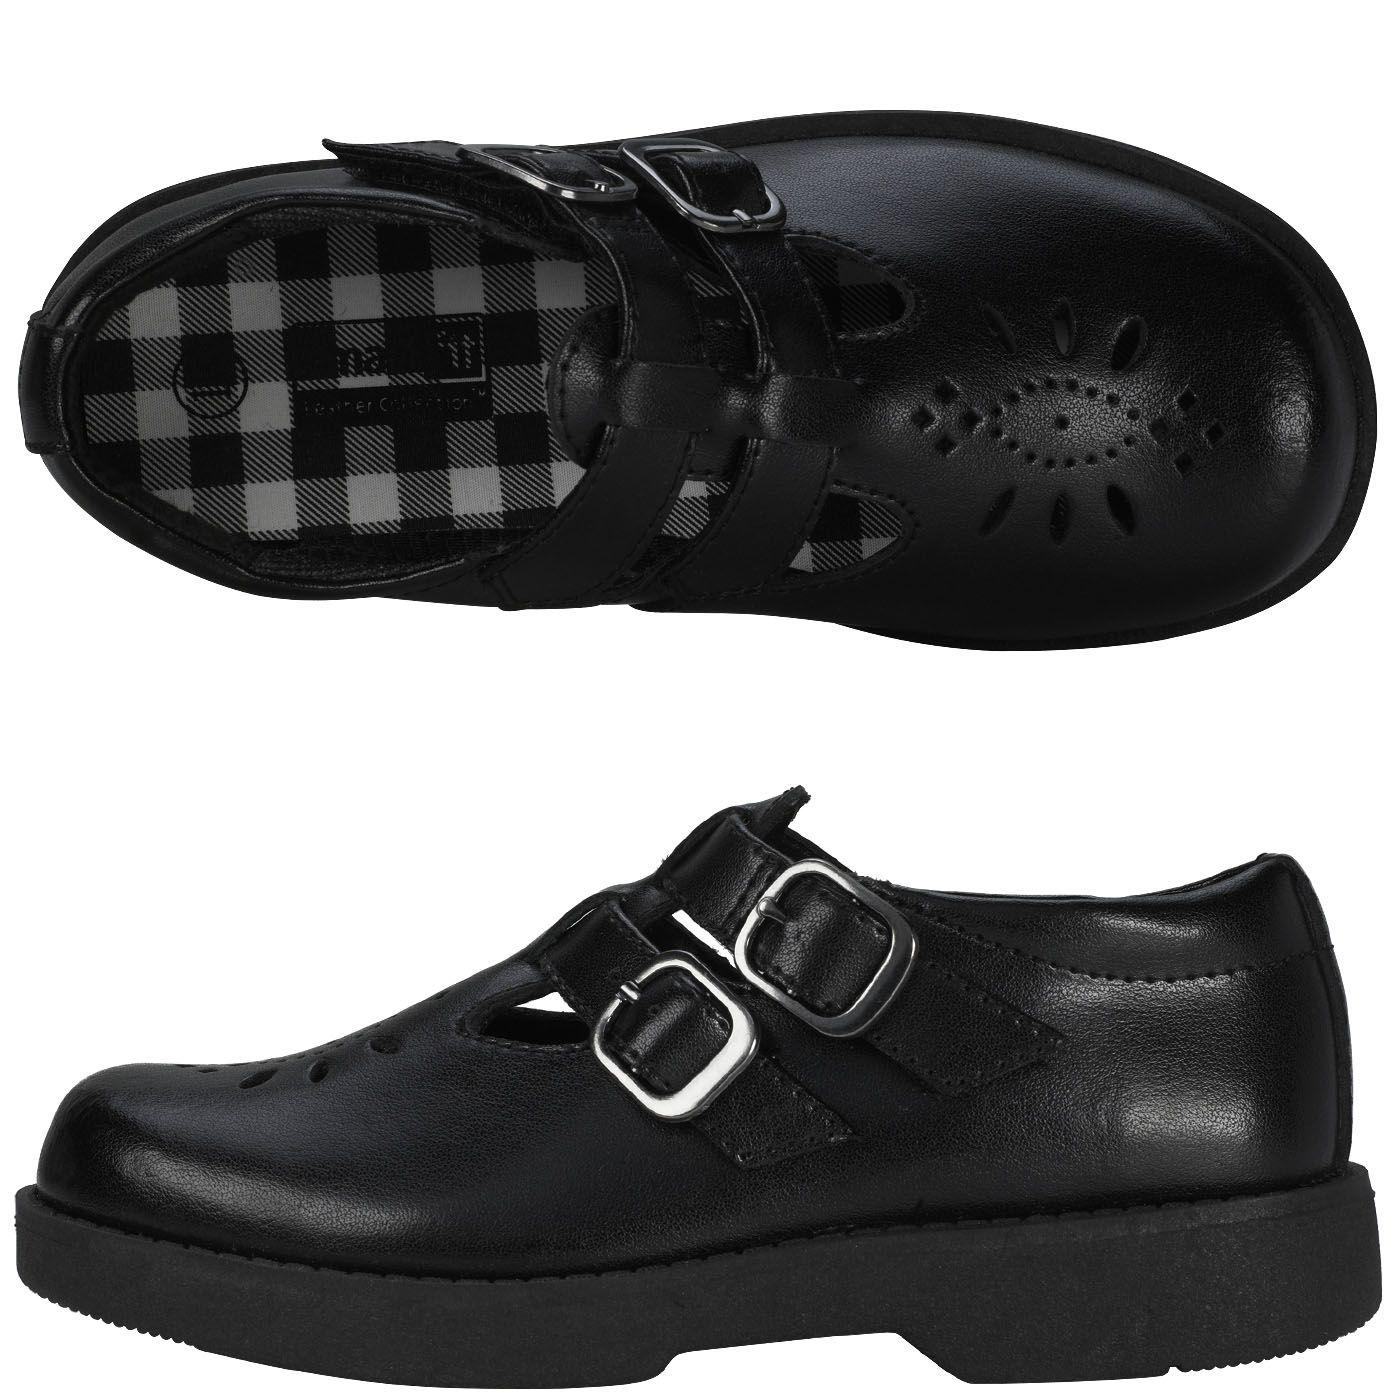 37c33af34 ¿Necesitas zapatos escolares  En Payless consigues variedad y buenos precios  para niños y niñas.  QuéSuerte  Payless  BackToSchool